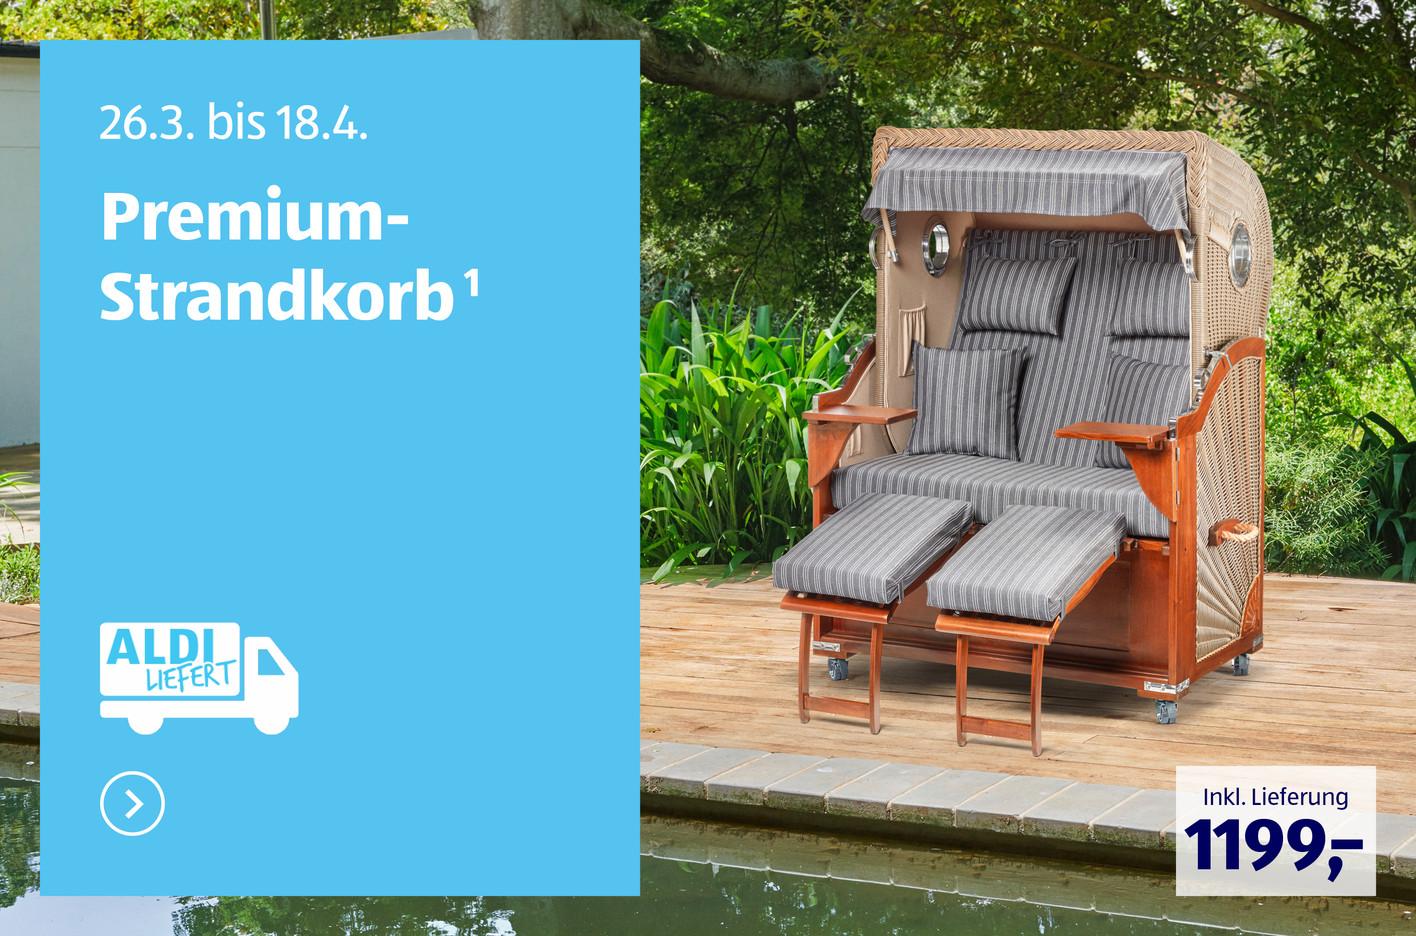 Full Size of Aldi Sd Angebote Ab Do Relaxsessel Garten Wohnzimmer Gartentisch Aldi